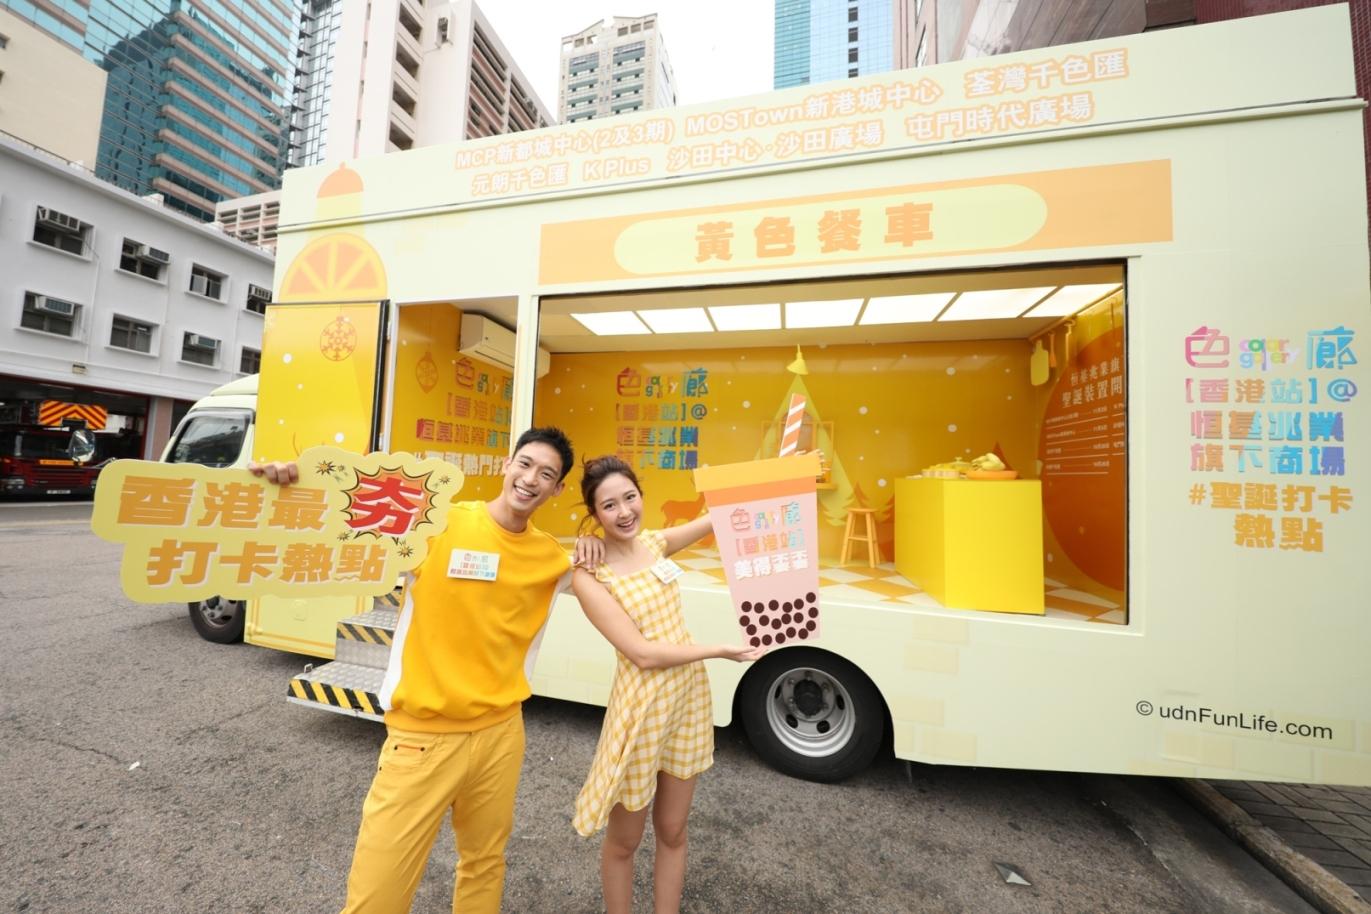 聯乘台灣超人氣「 色廊展 」黃色餐車打卡投入色彩世界